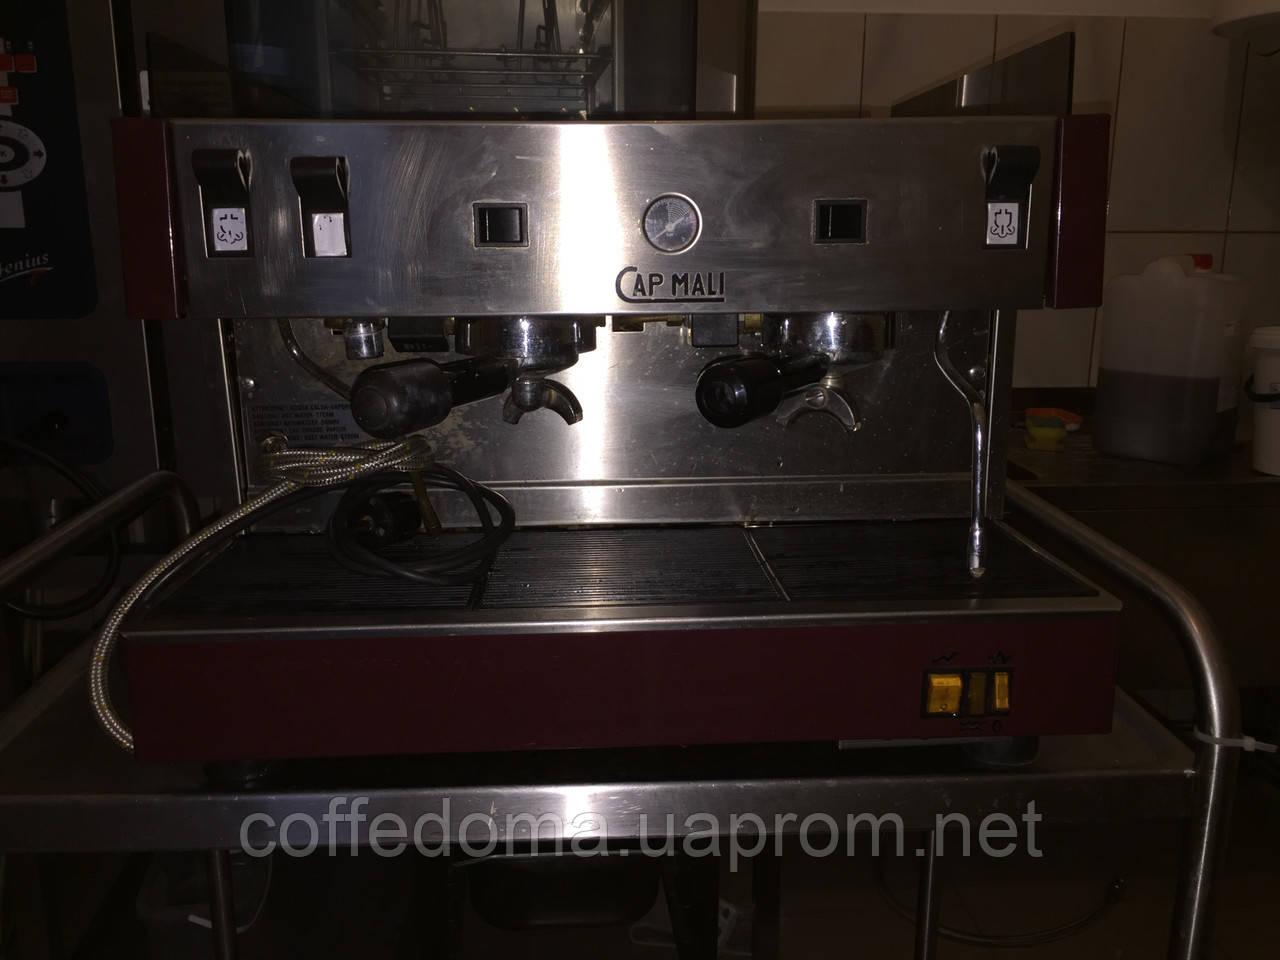 Carimali профессиональная кофемашина на два поста